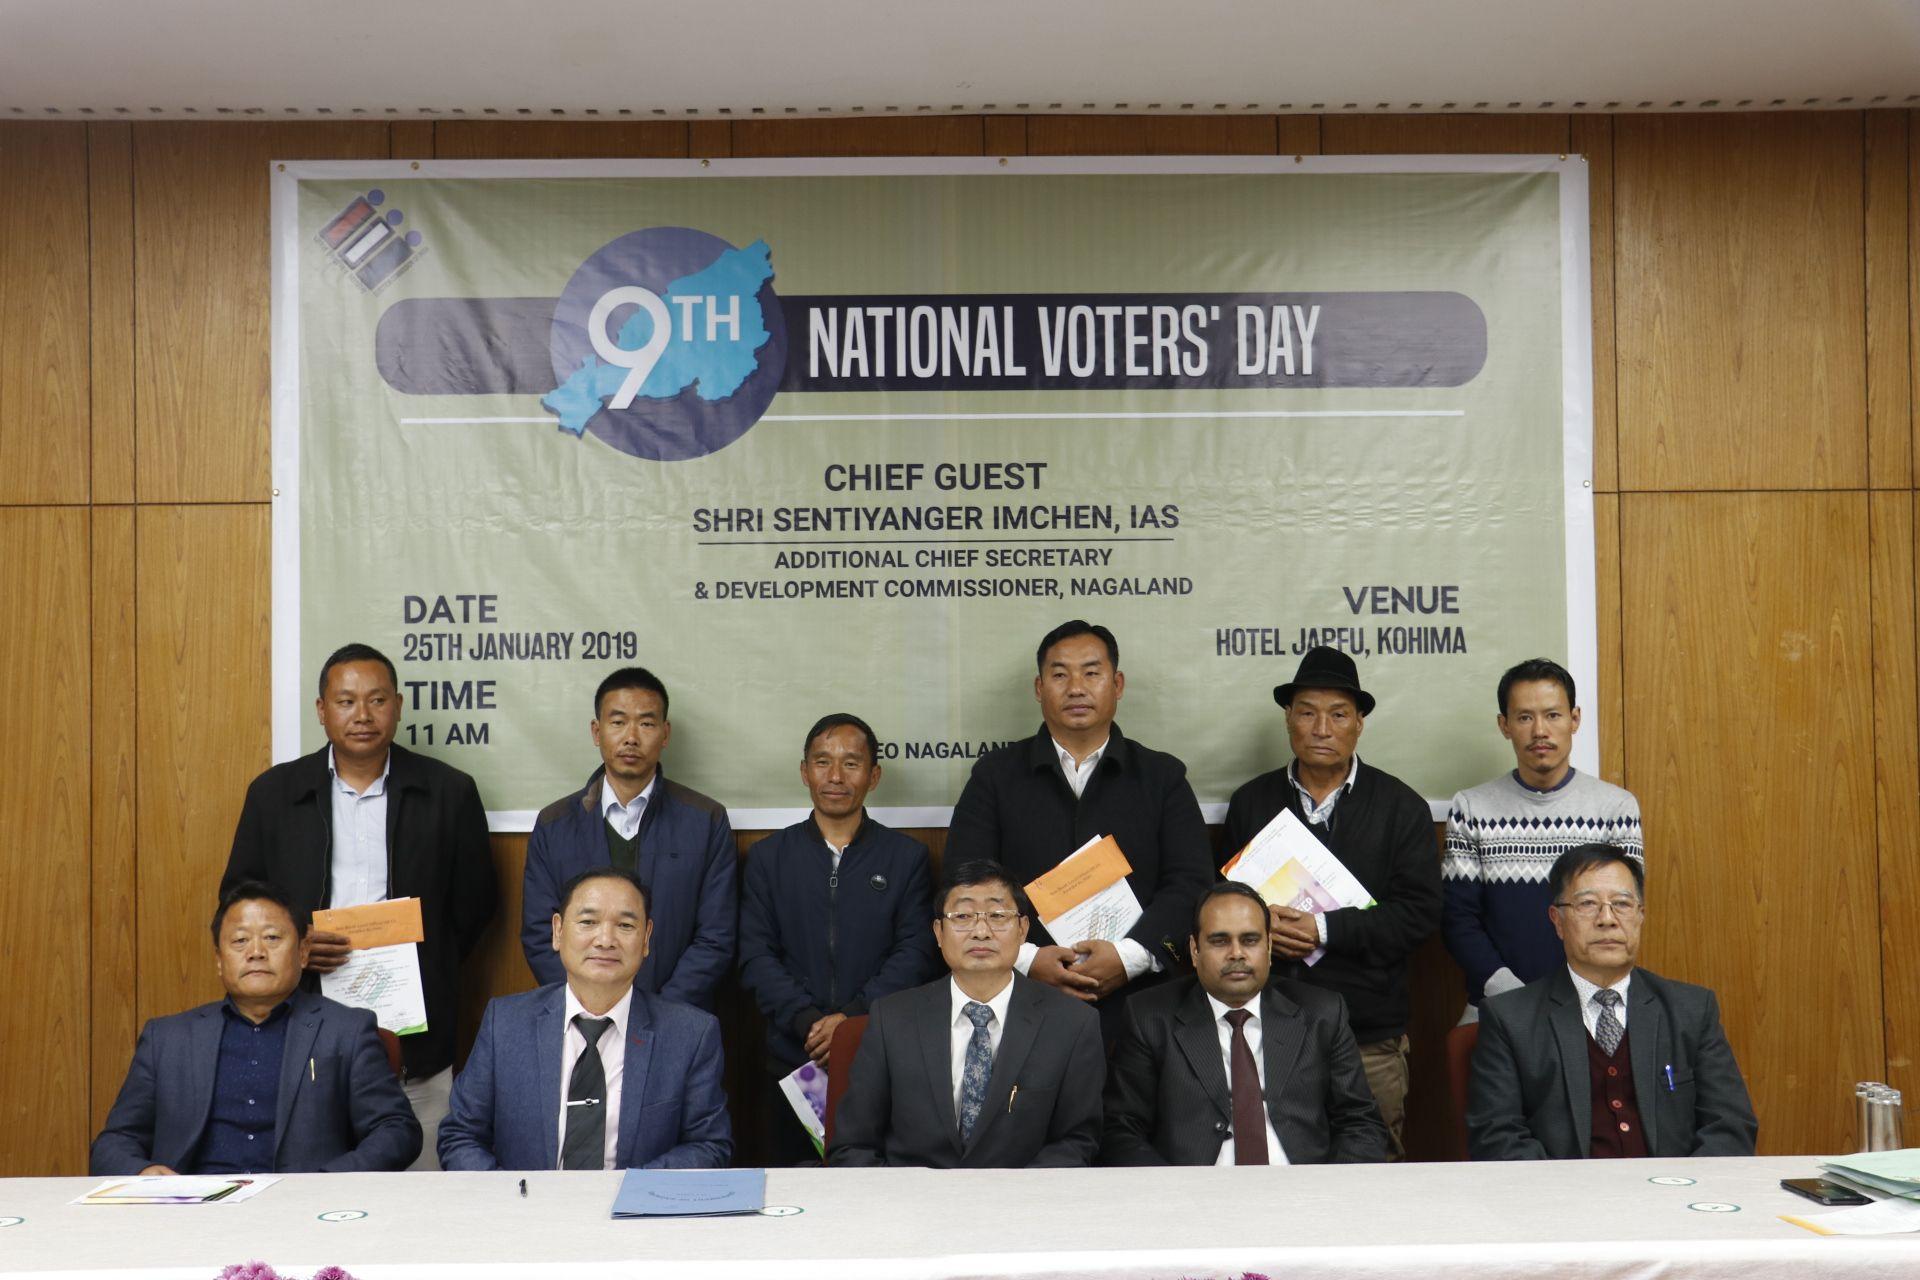 NVD Nagaland 2019